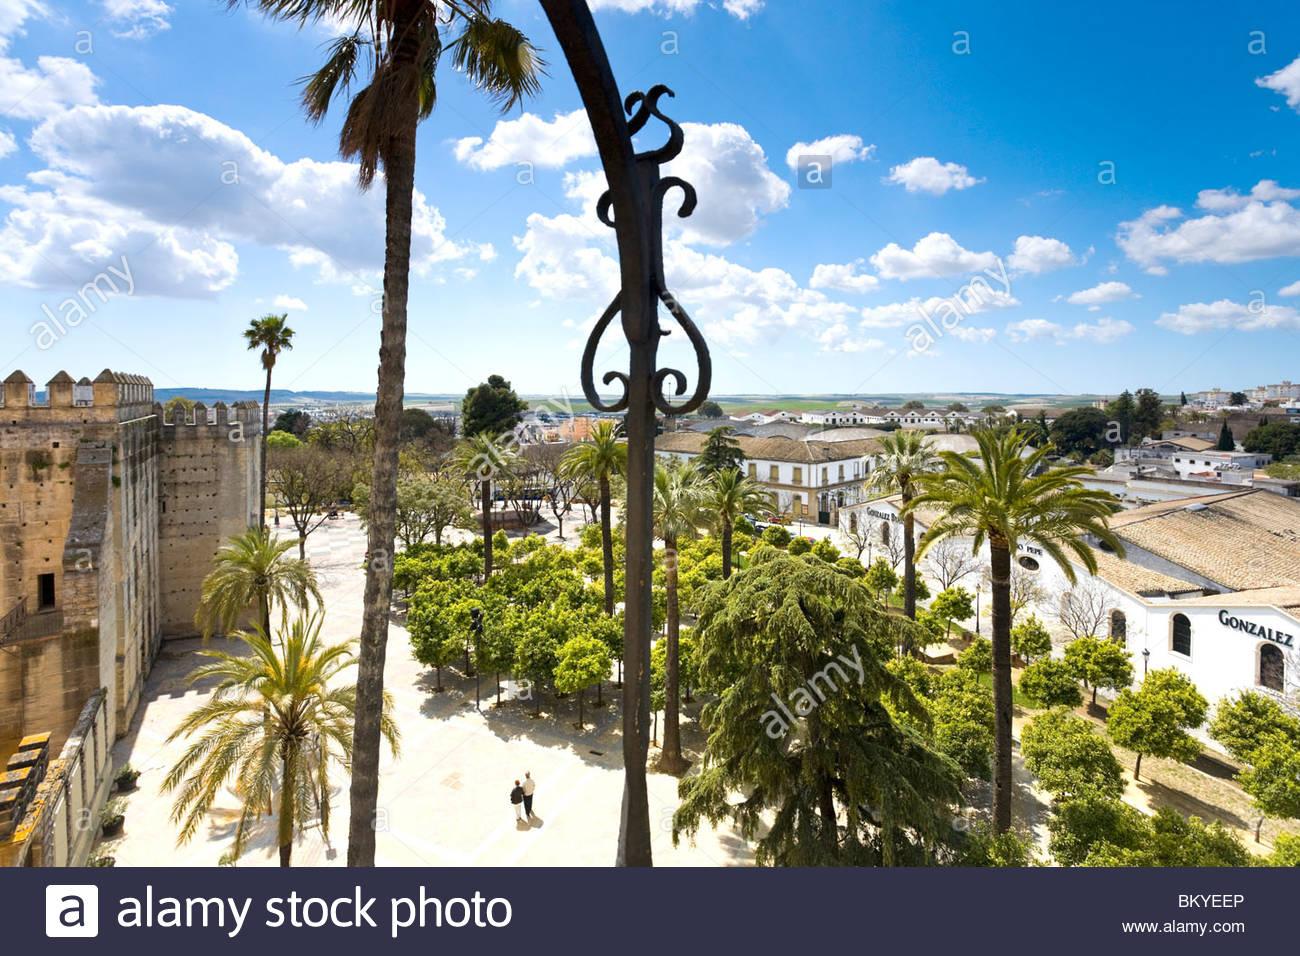 Blick vom Turm der Alcazaba in Jerez De La Frontera in Richtung Altstadt, Andalusien, Provinz Cadiz, Spanien Stockbild